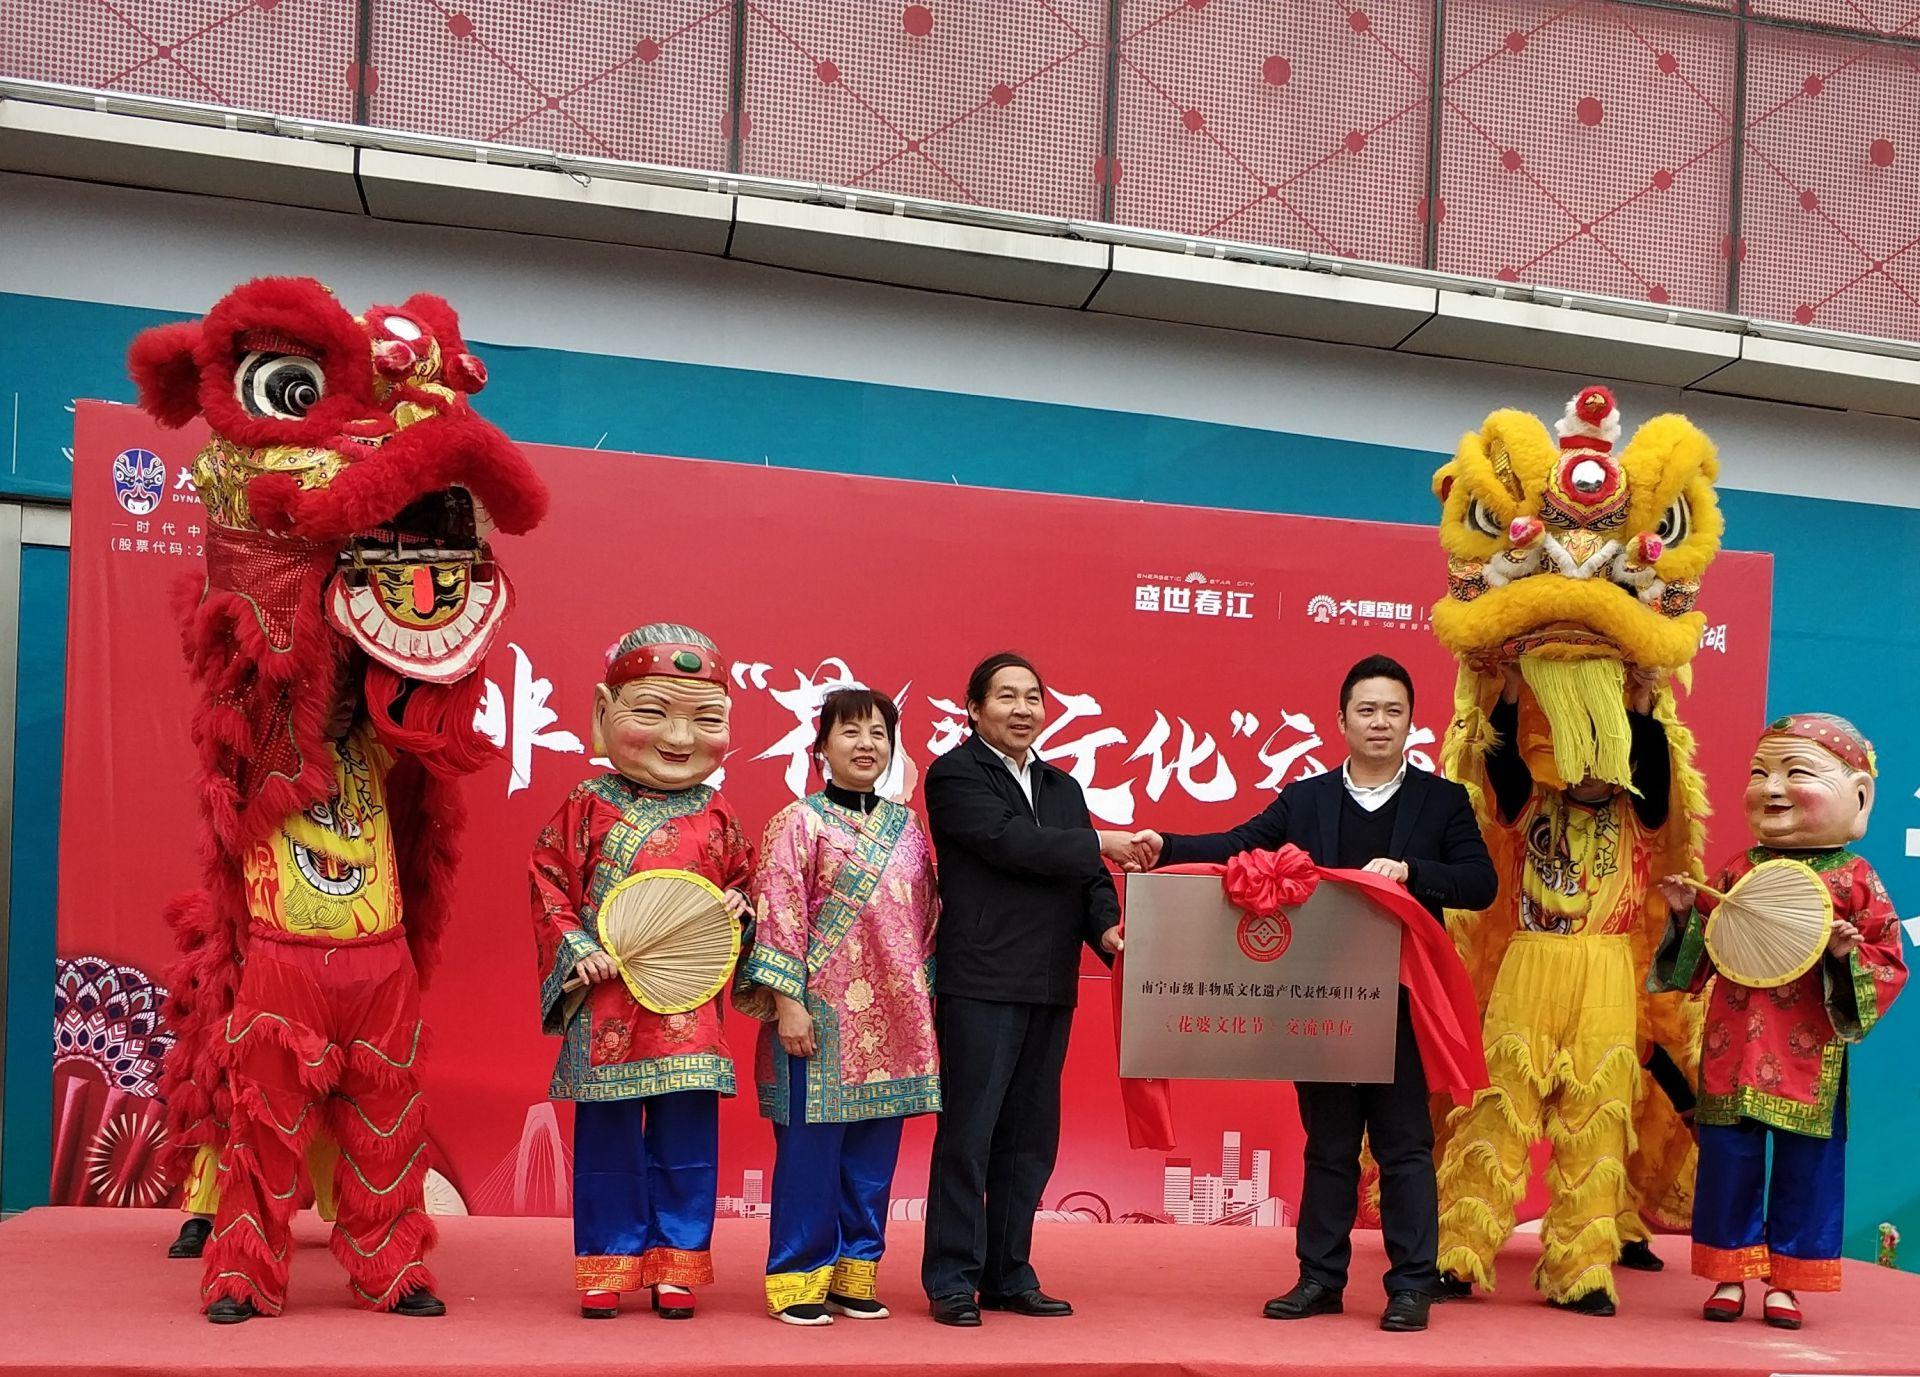 自治区级非遗名录《蒲庙花婆节》花婆文化交流平台在邕宁区揭牌成立